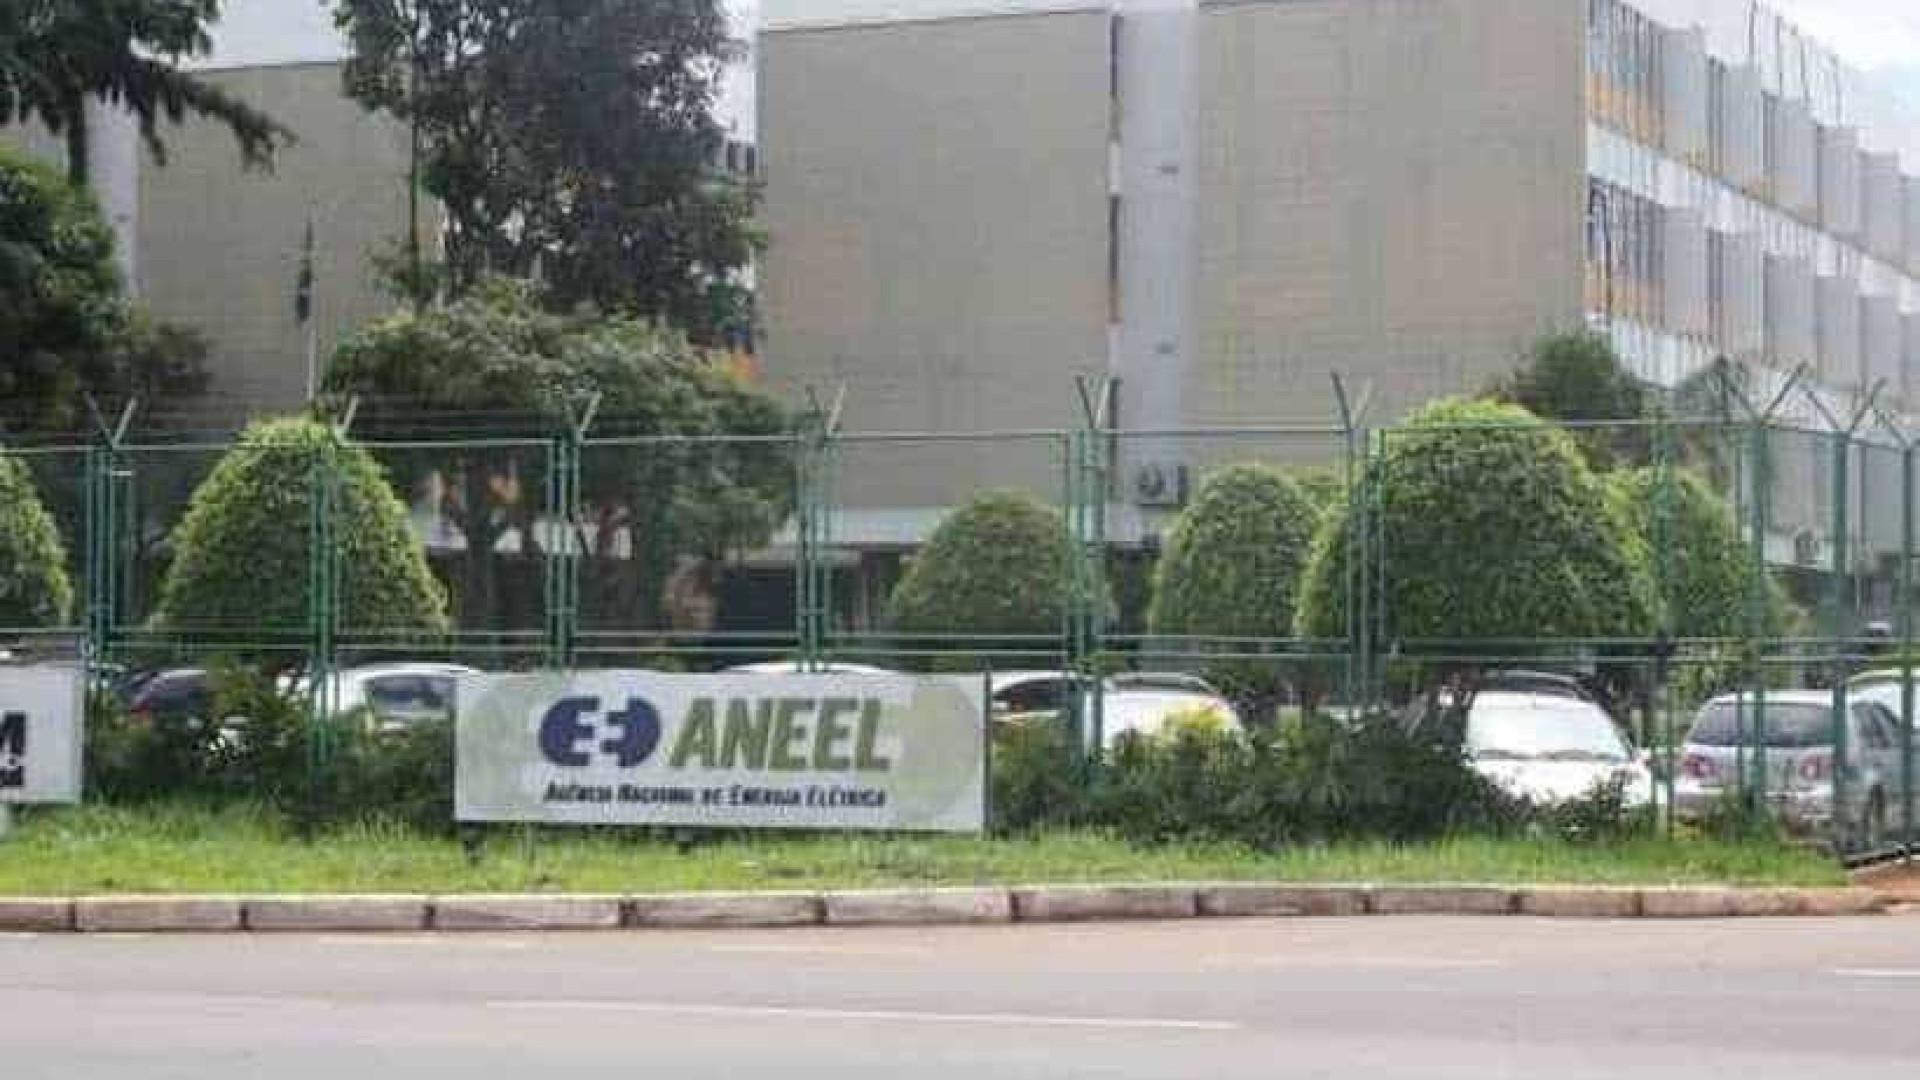 Leilão da Aneel movimenta R$ 7,3 bi e tem 'novata' do setor como destaque